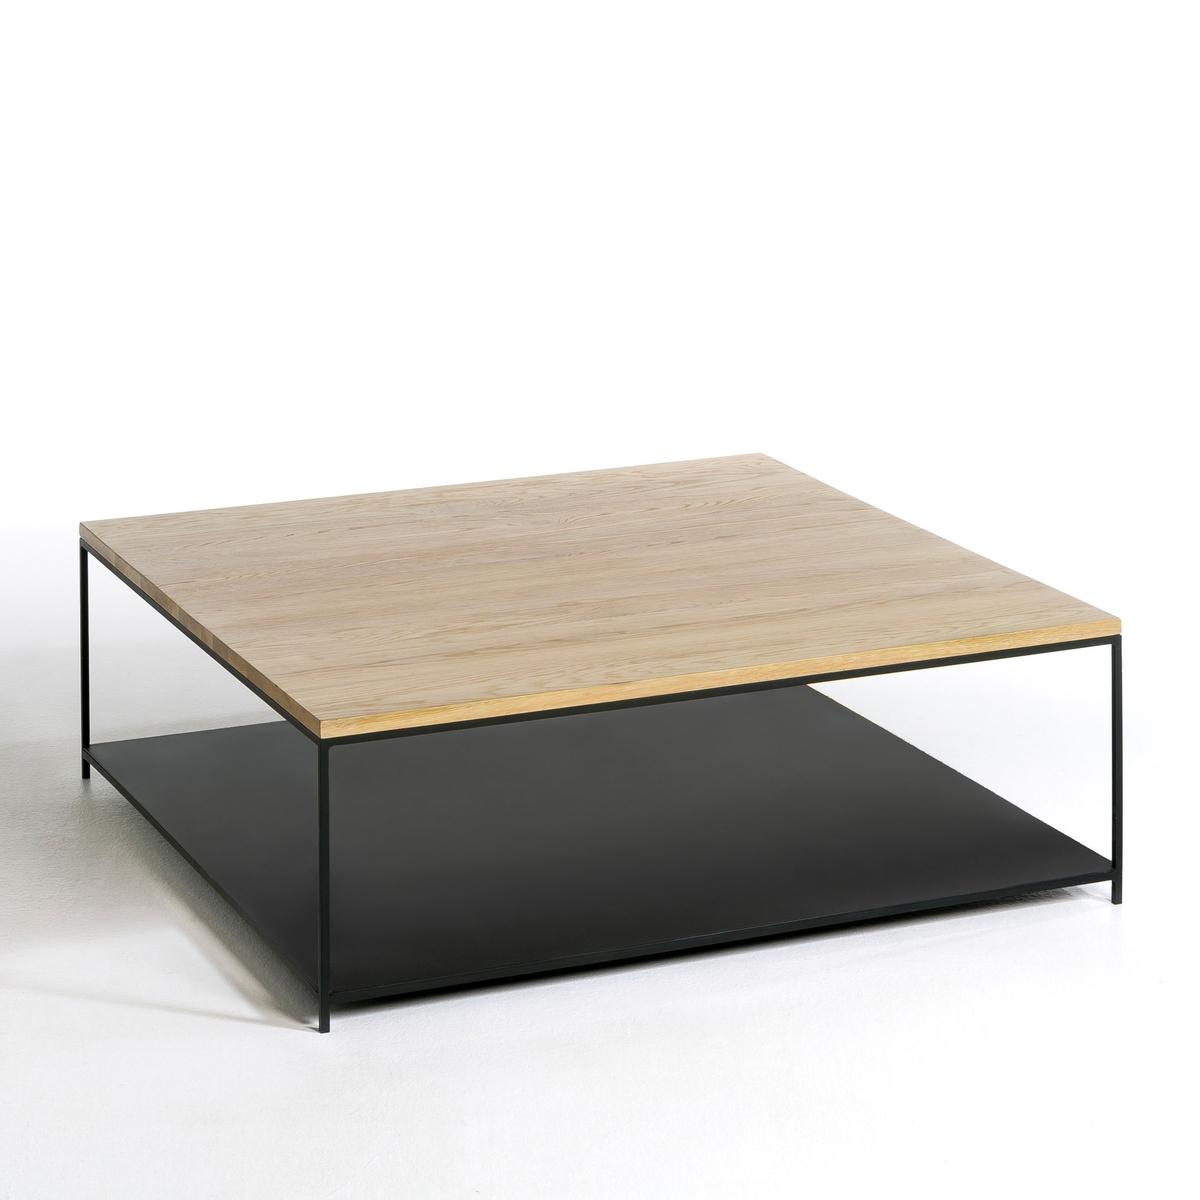 Столик La Redoute Журнальный квадратный из массива дуба Aranza единый размер каштановый столик журнальный в винтажном стиле из обыкновенного дуба quilda